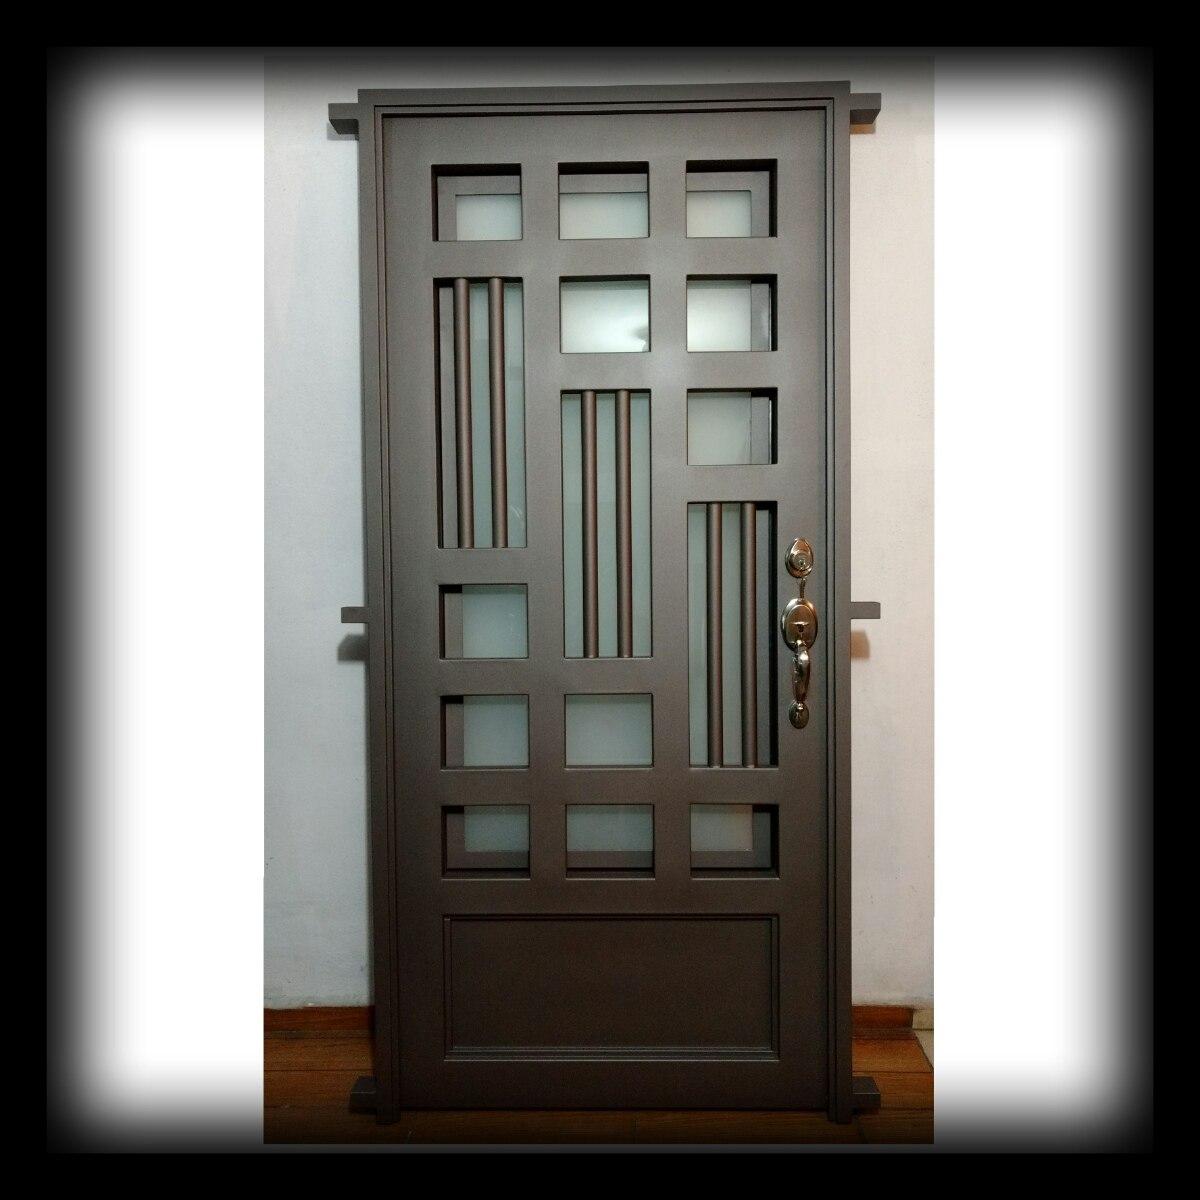 Puertas exteriores de segunda mano perfect latest ejemplo - Puertas rusticas de exterior segunda mano ...